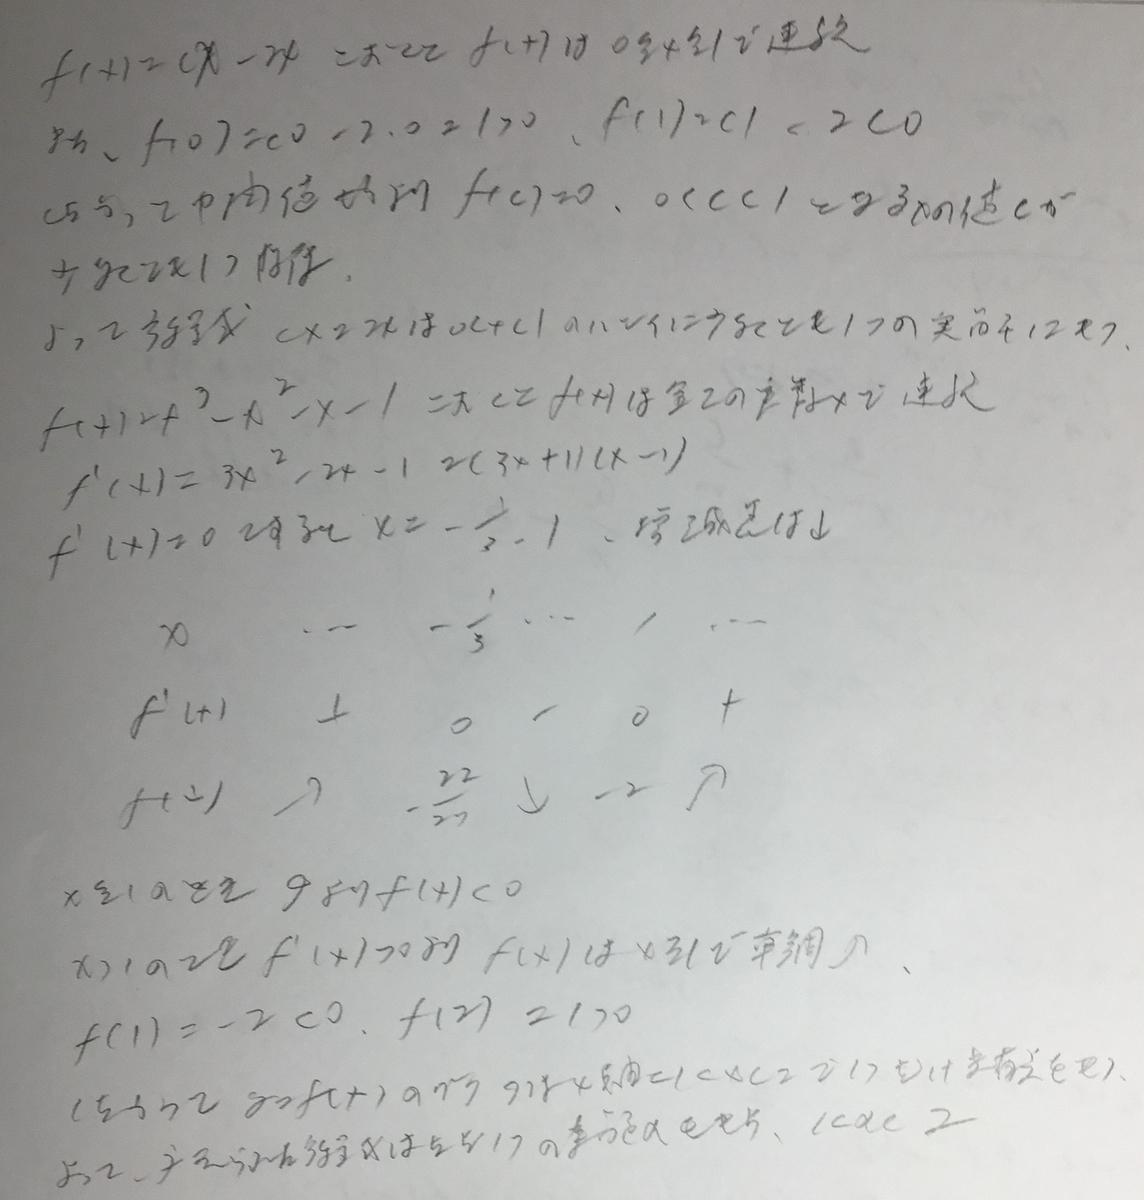 f:id:manaveemath:20200310005316j:plain